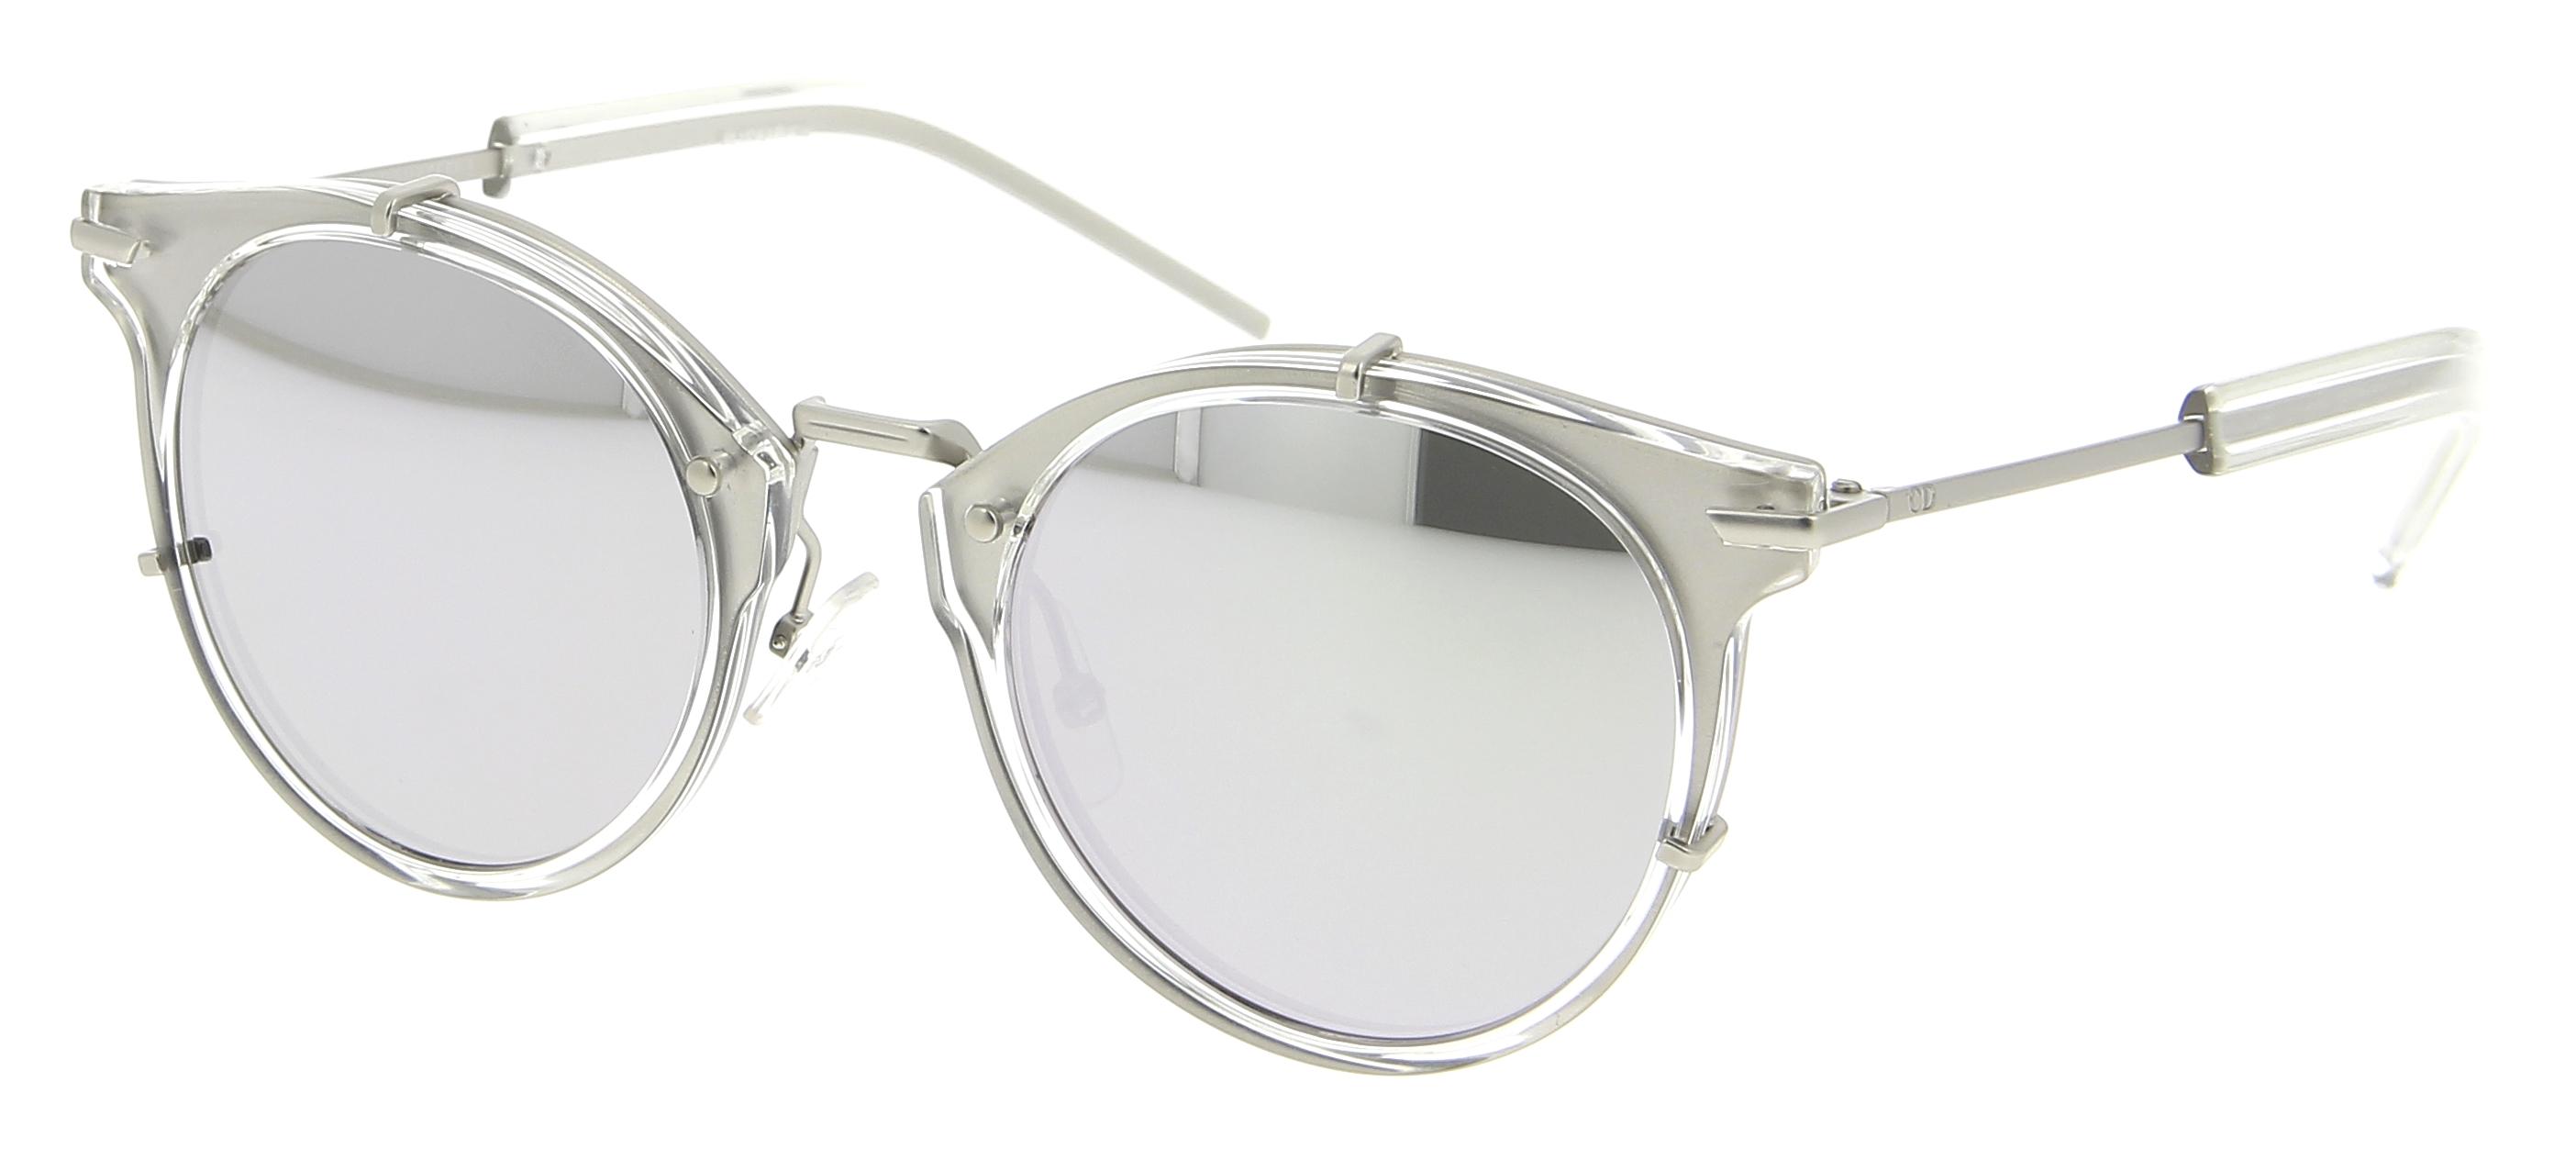 lunettes de soleil dior cd dior0196s jwi dc 48 22 homme argent transparent carr e cercl e. Black Bedroom Furniture Sets. Home Design Ideas